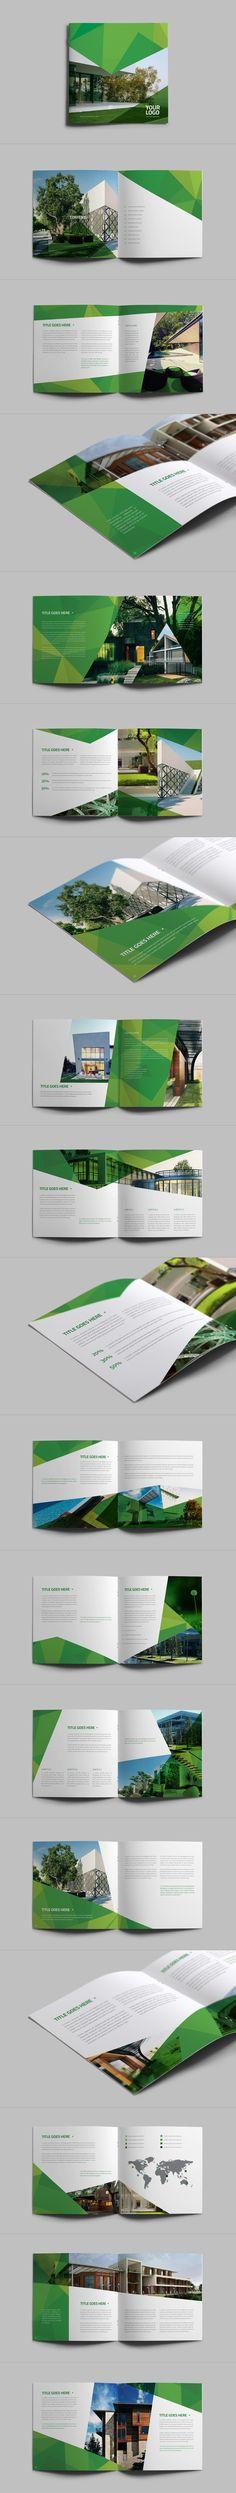 Ecologic Real Estate Brochure Brochures, Real estate and Company - real estate brochure template